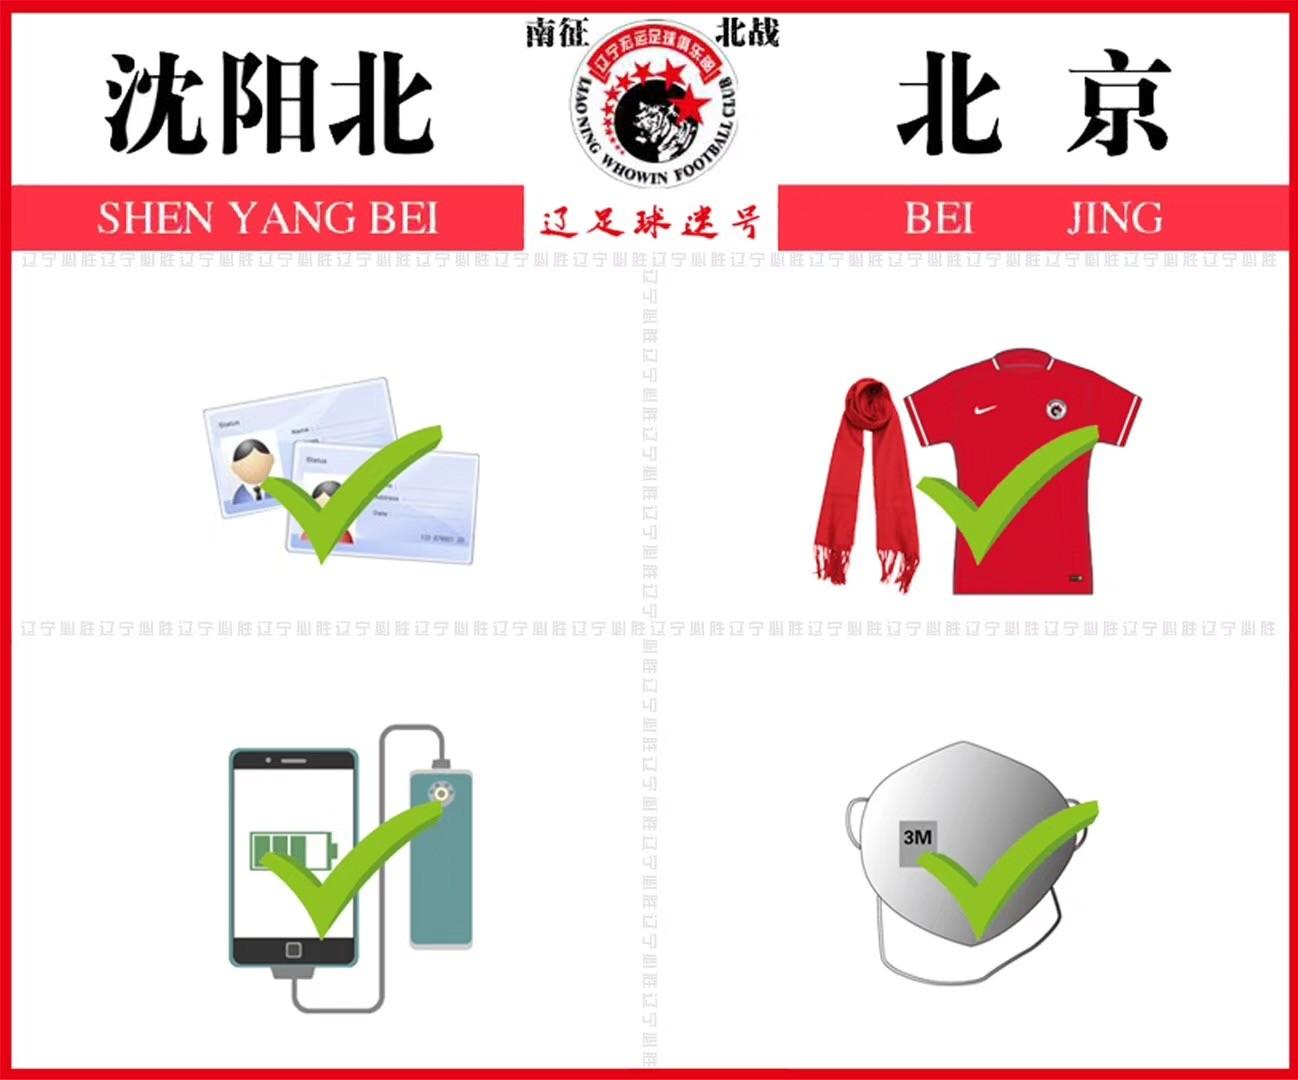 辽足打造球迷专列一路高歌赴北京助威